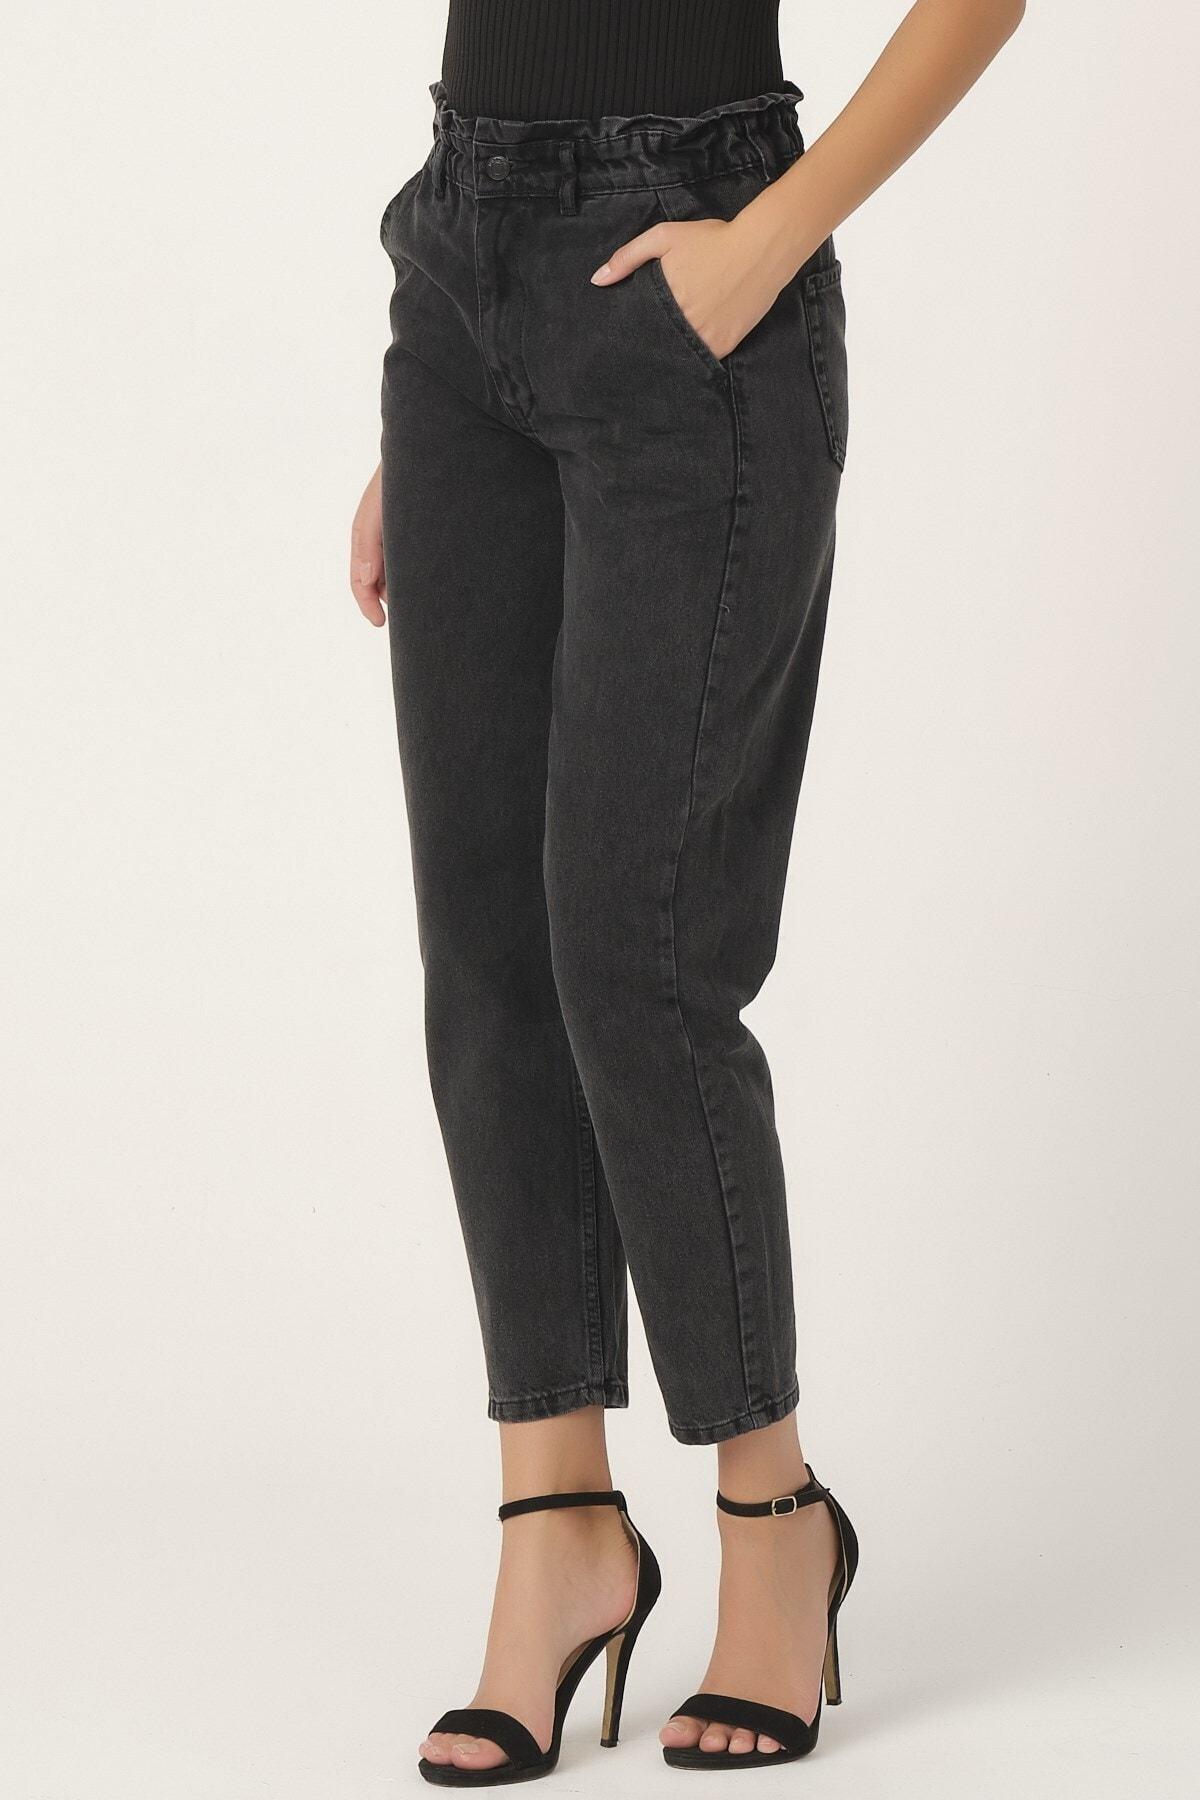 its basic Kadın Füme Renk Beli Lastikli Balon Jean 2